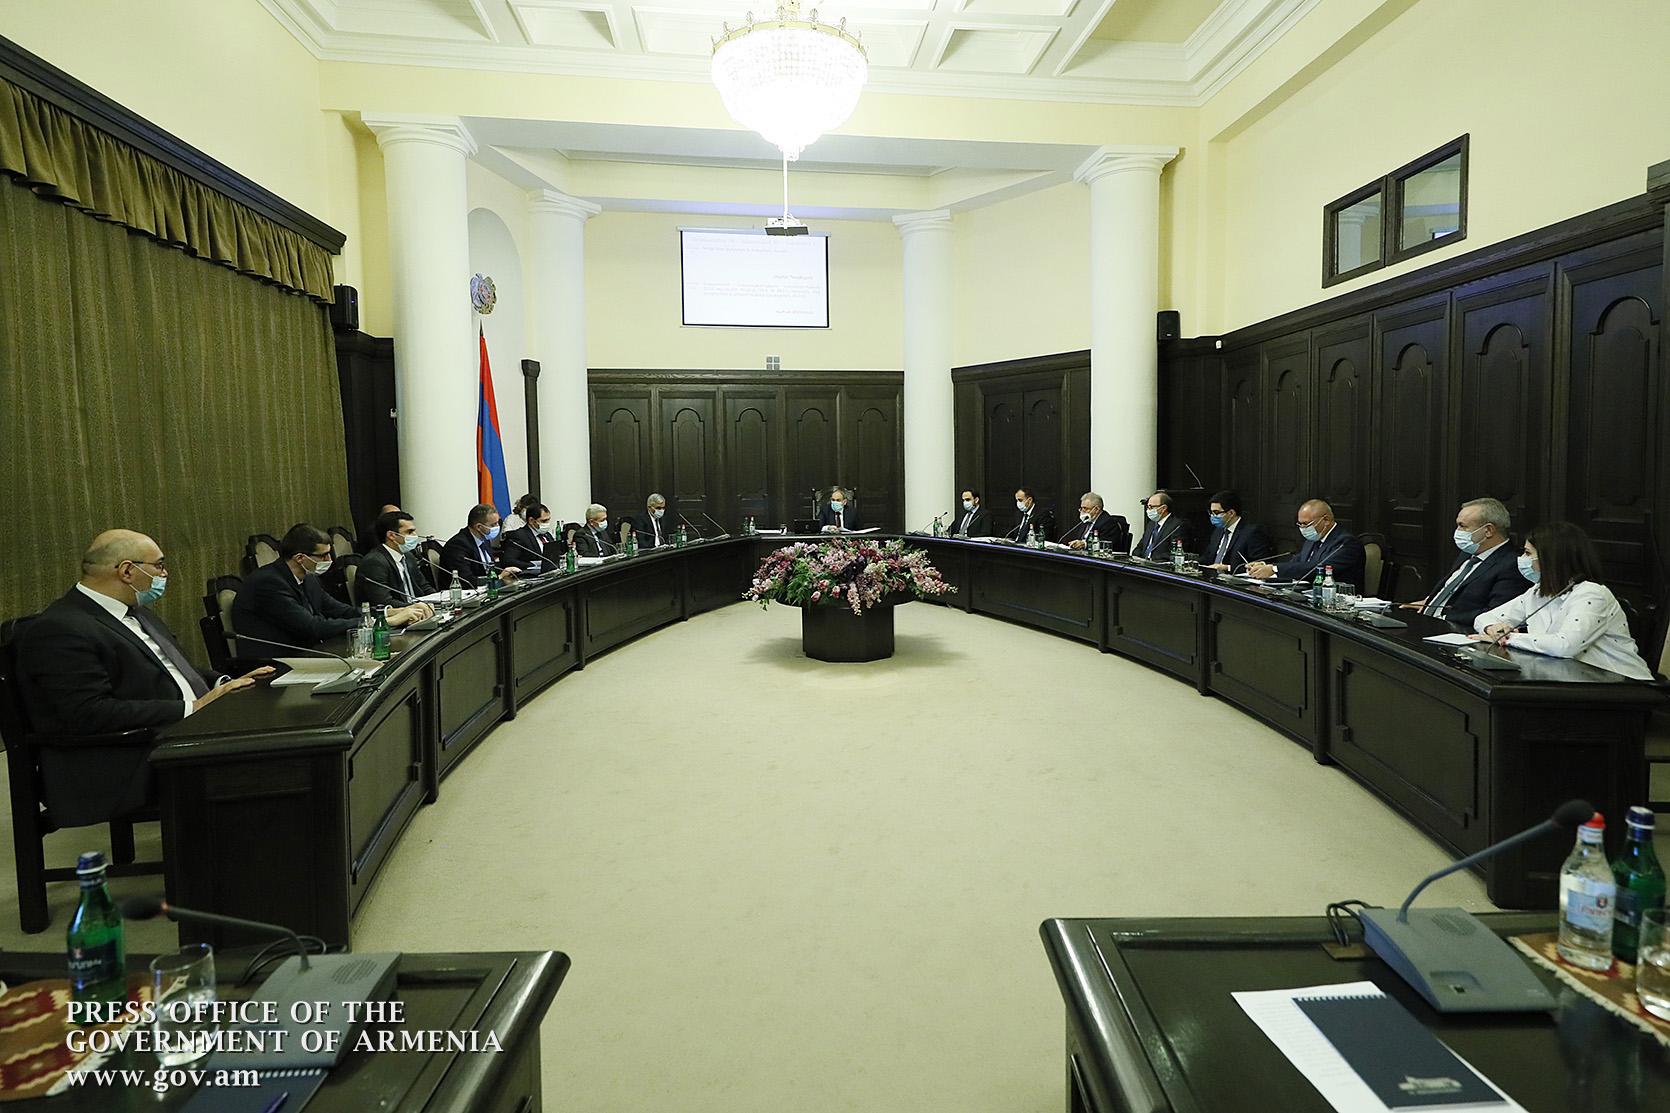 Photo of Երևանում կկառուցվի «Դիջիթաուն» ՏՏ նորարարական տեխնոլոգիաների միջազգային կենտրոն